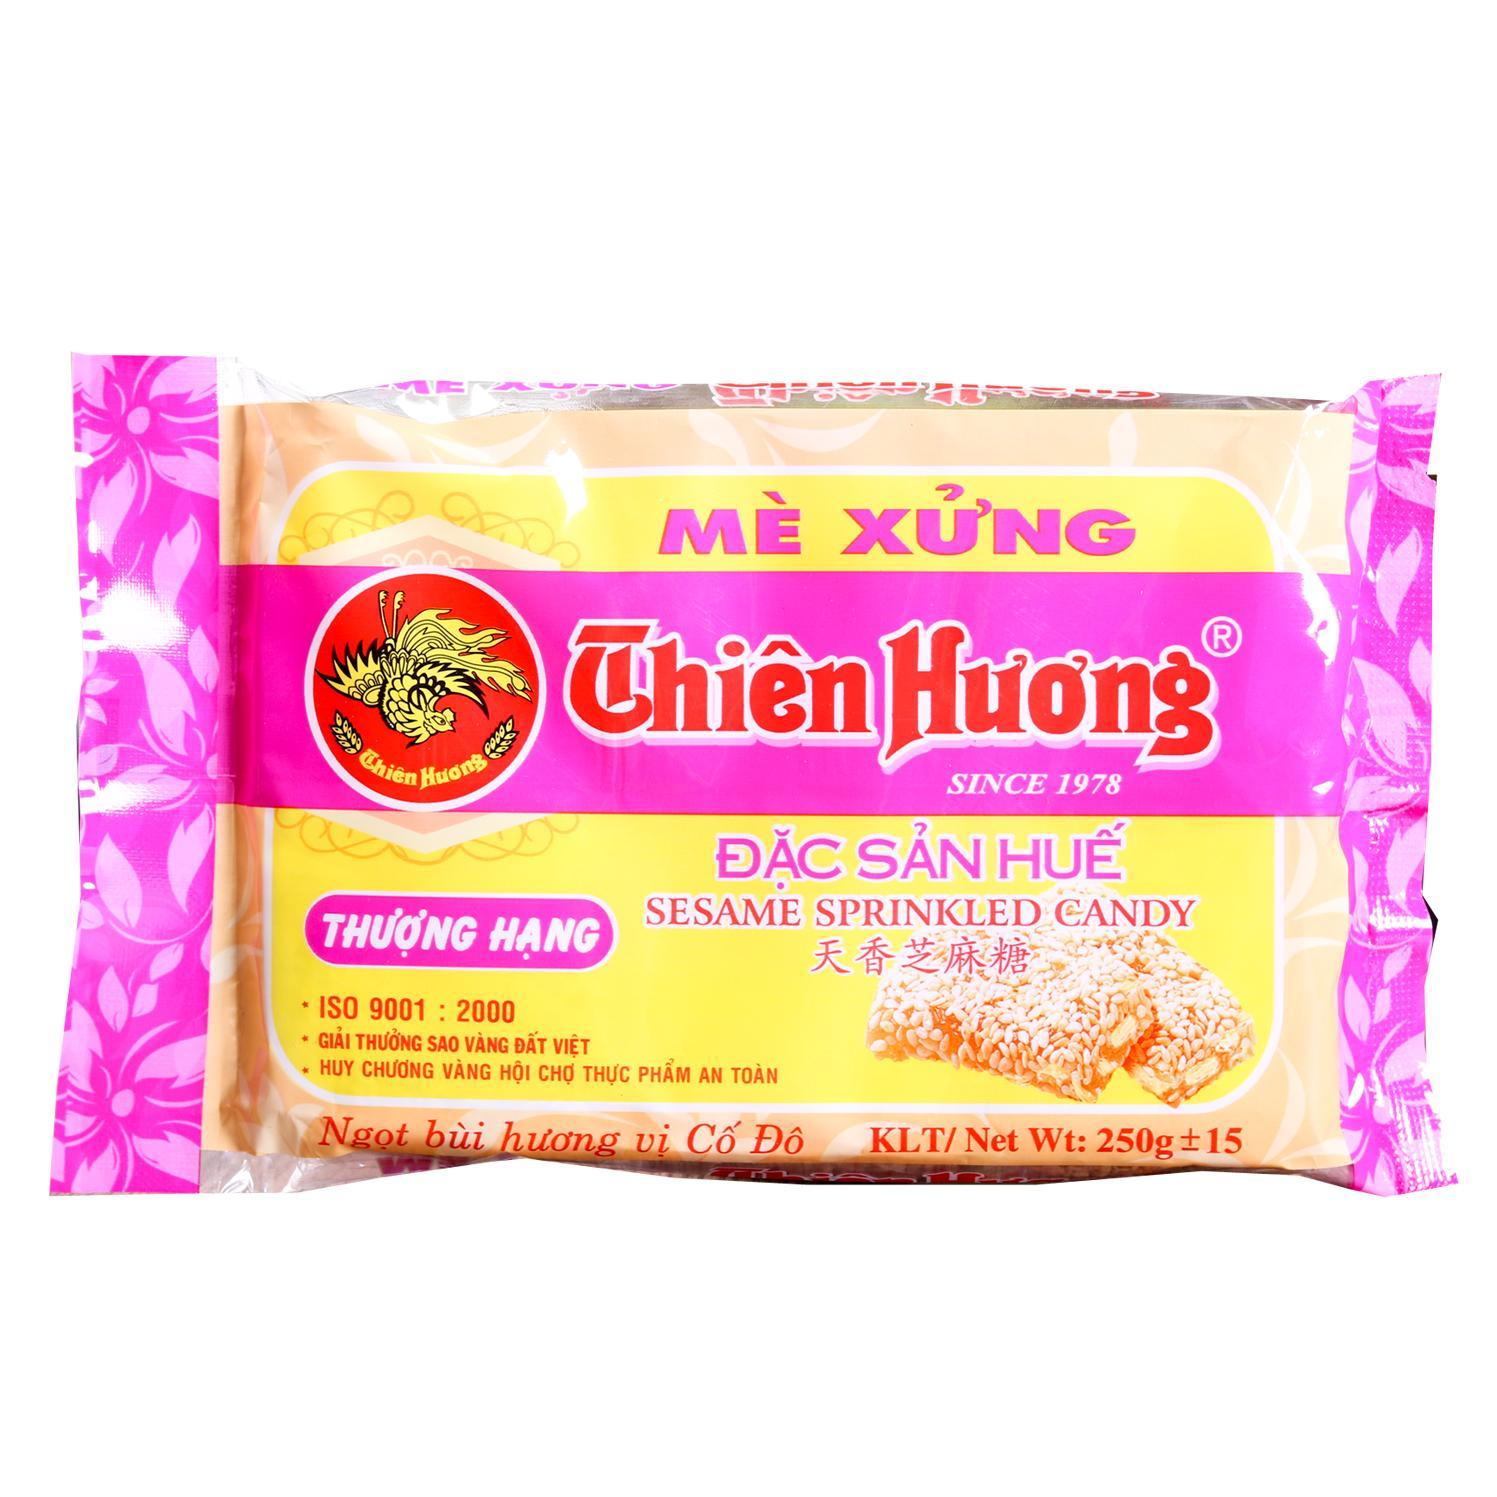 Mè xửng Thiên Hương Huế Thượng Hạng túi 250g